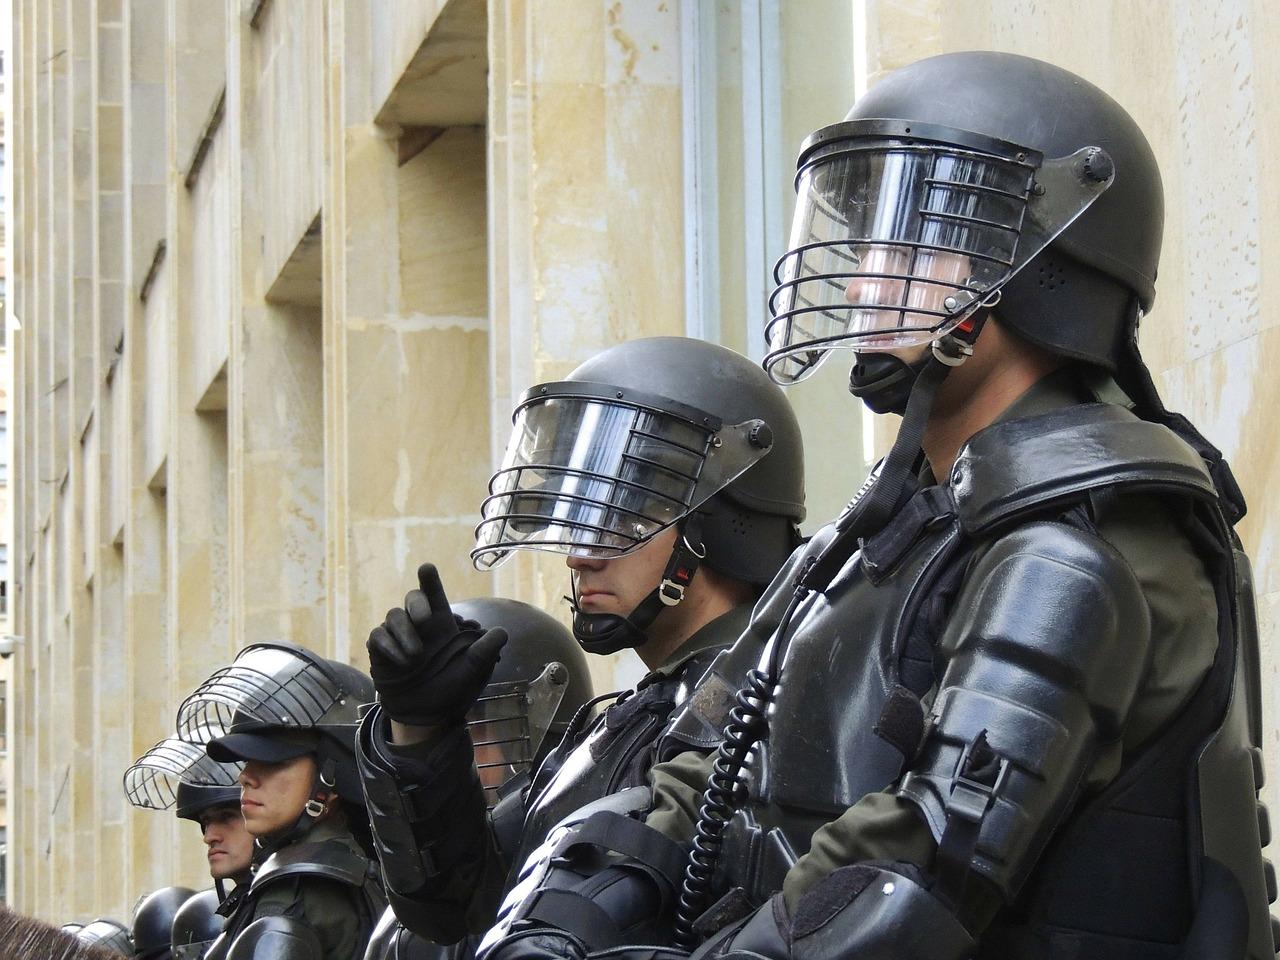 Police in swat gear.